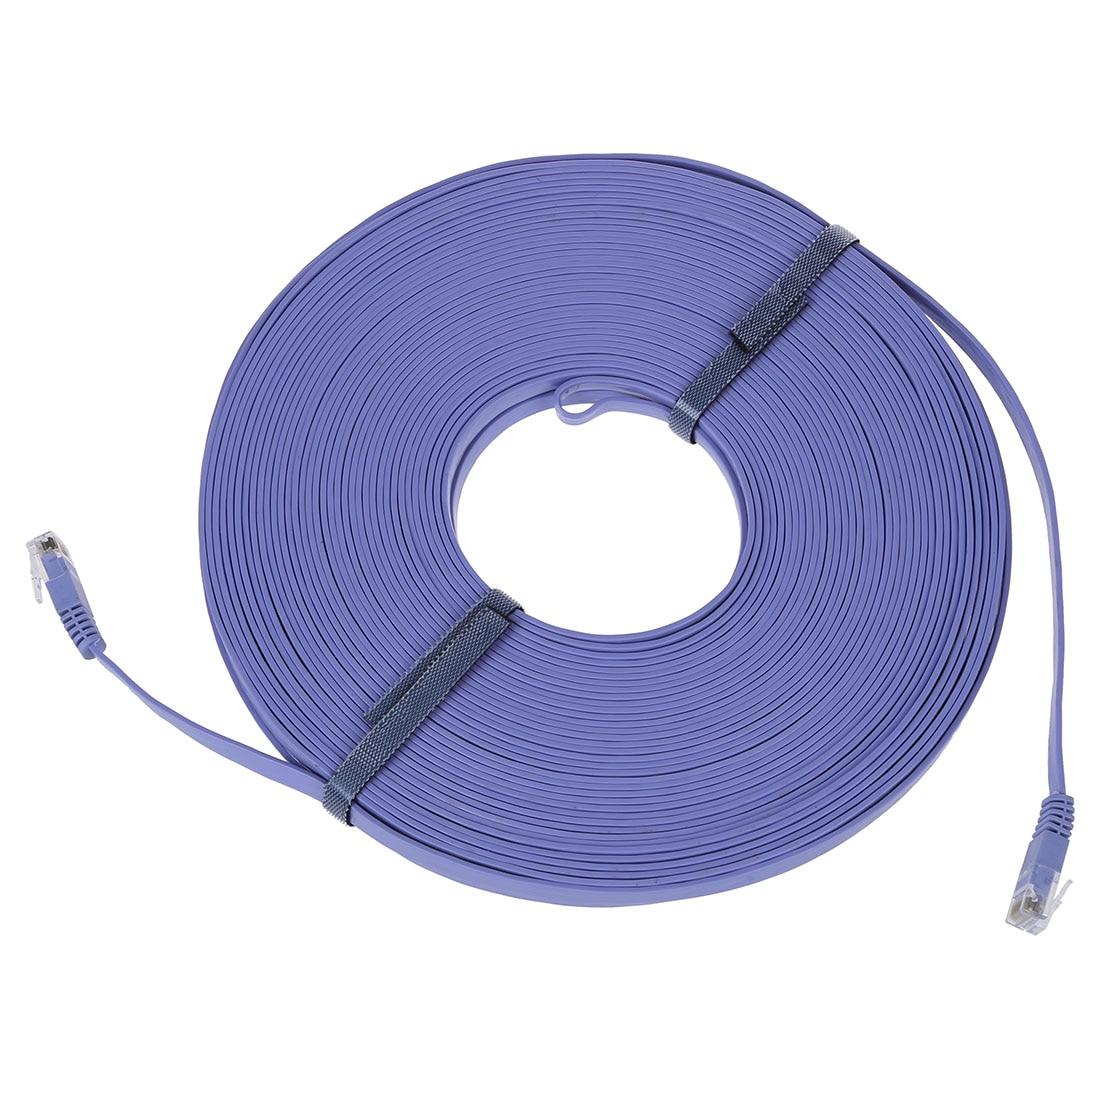 FFYY-98FT 30M CAT6 CAT 6 plat câble réseau Ethernet UTP RJ45 Patch LAN cordon bleu